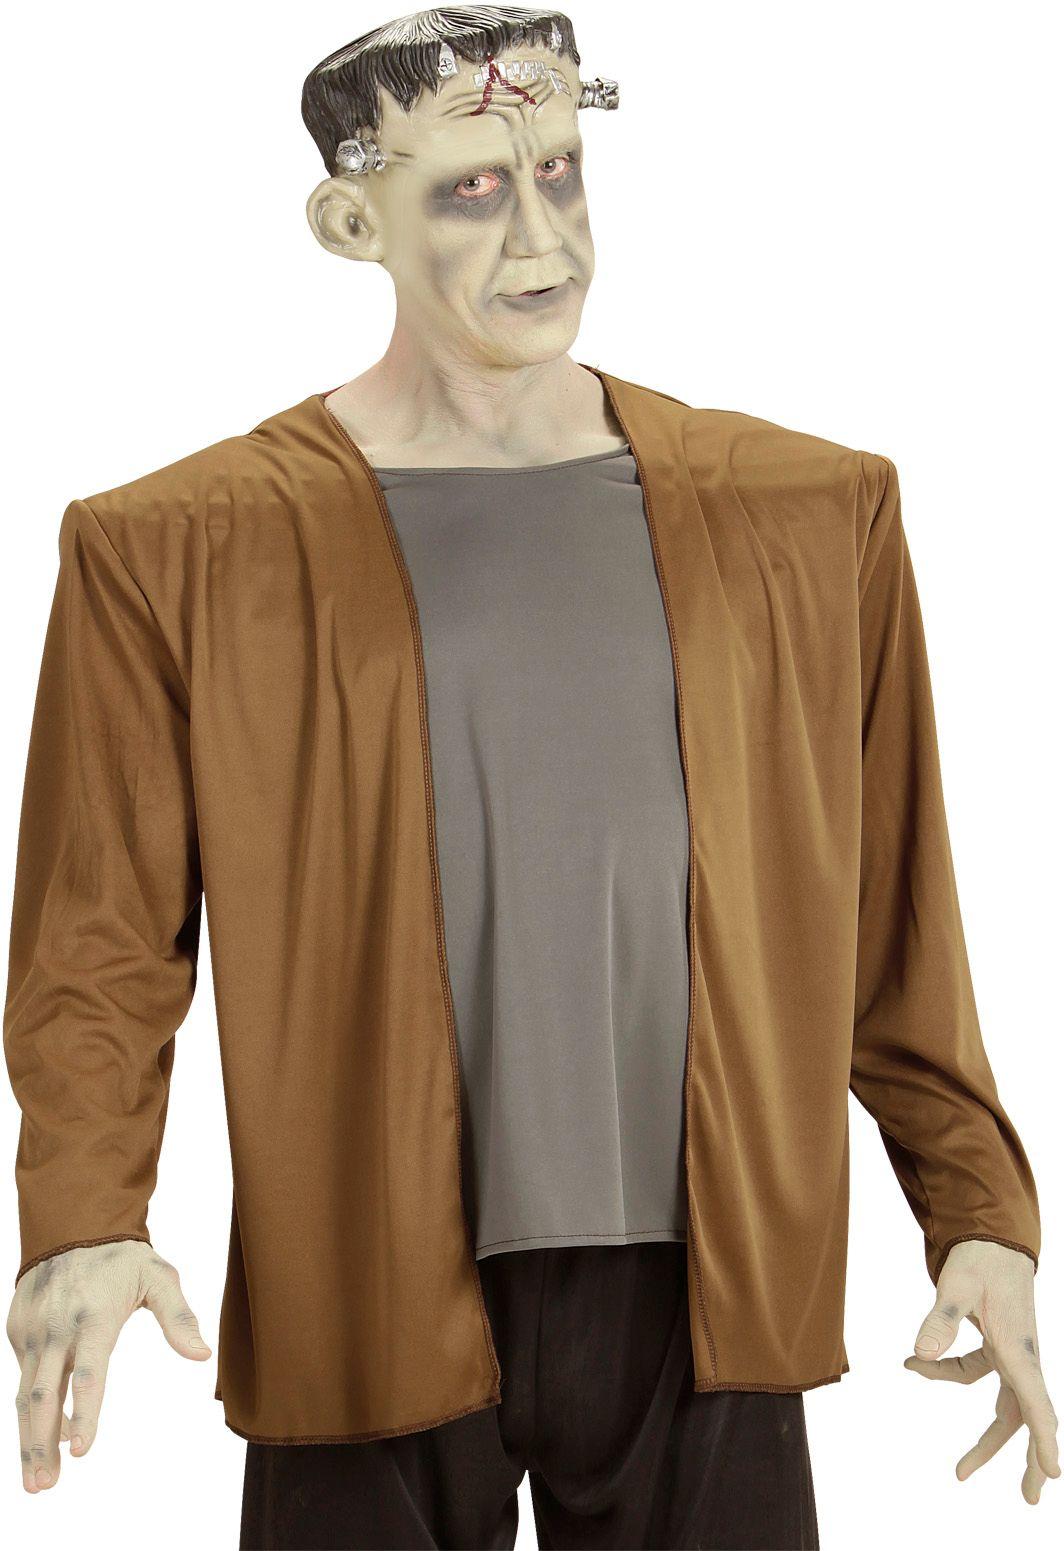 Frankenstein outfit